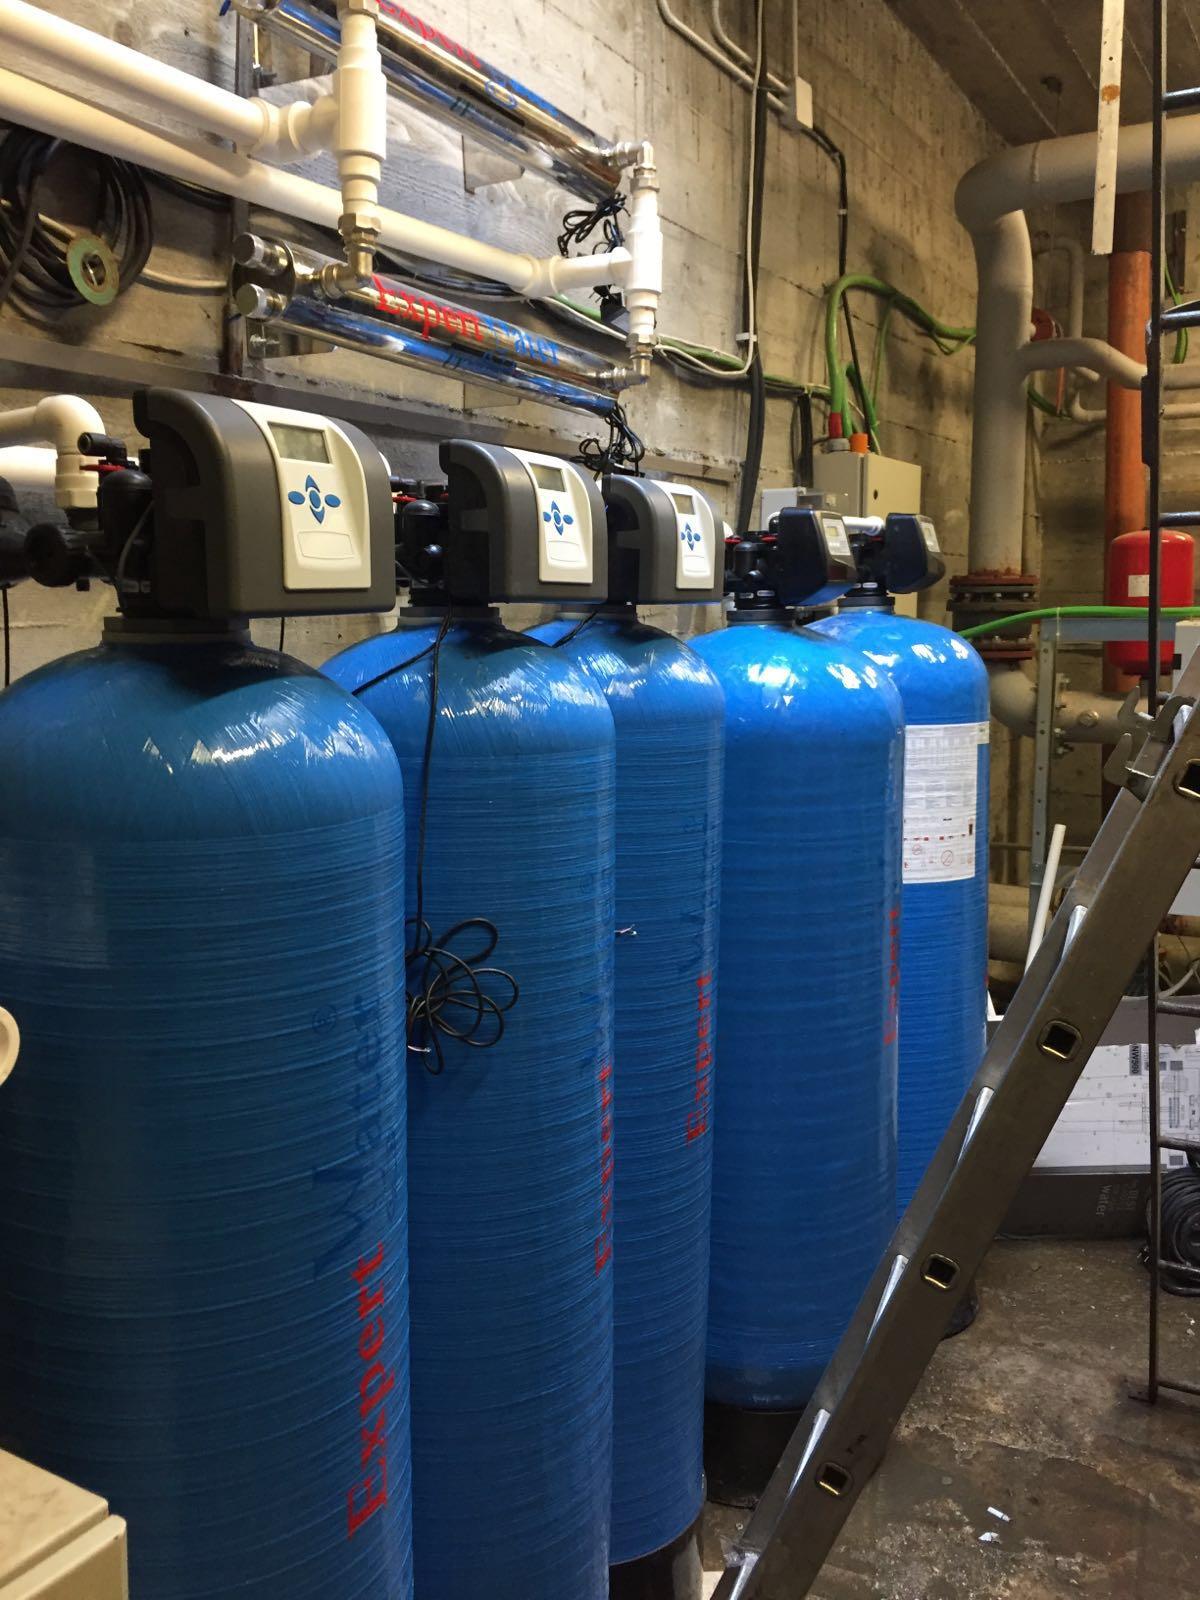 Filtrare Automata  2 x 200 litrii  + Dedurizare - Deferizare Triplex 300 + Sterilizare  UV 2 X 110  Expert Water